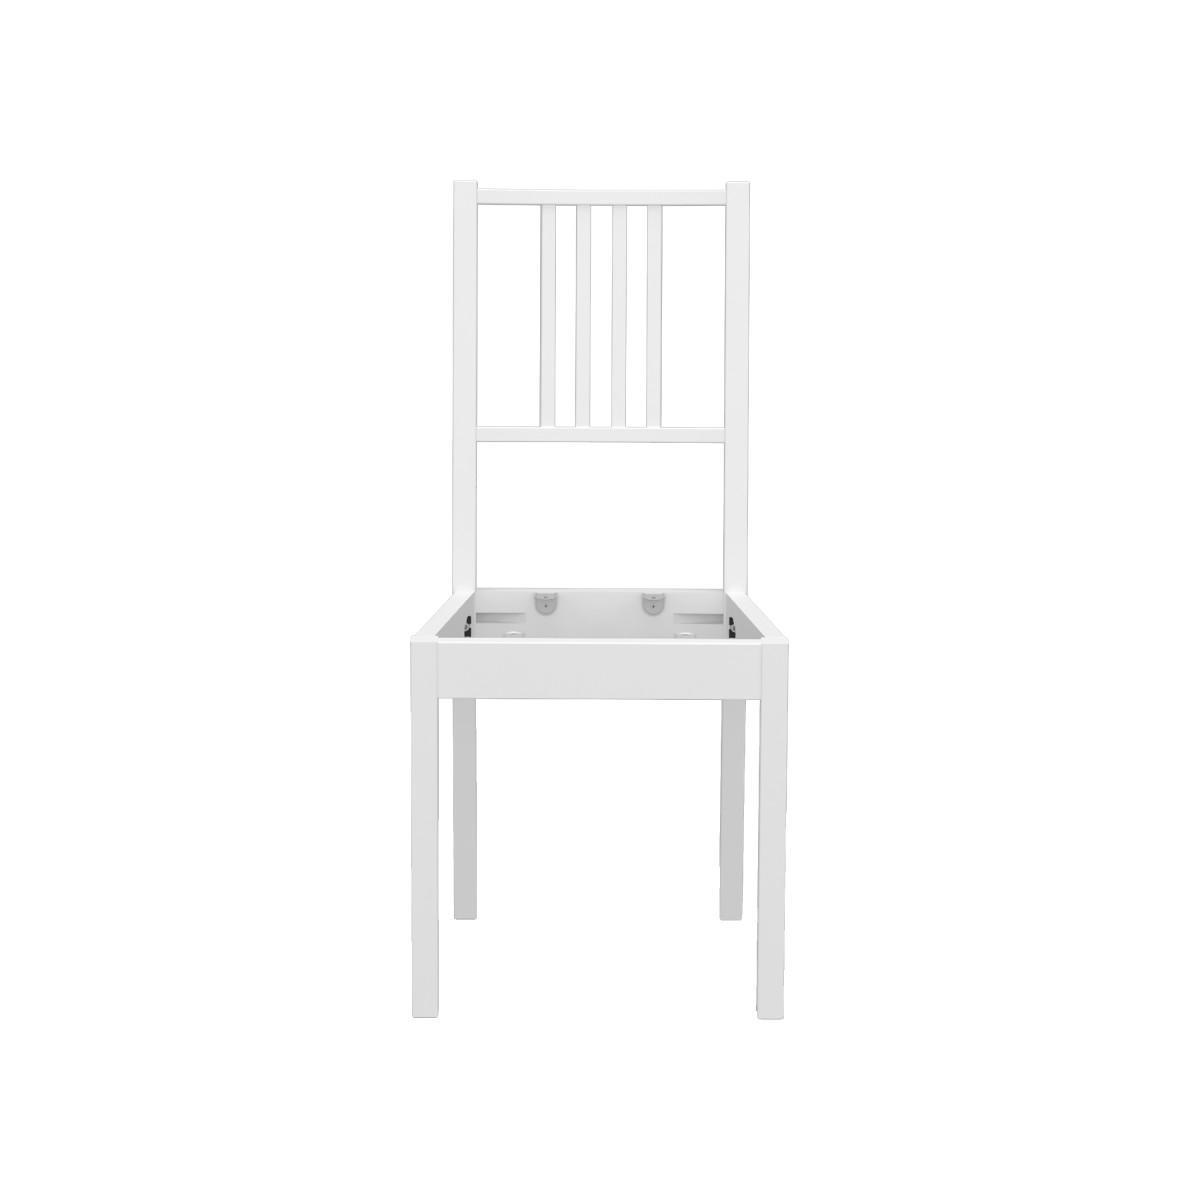 Основание Стула Delinia Марсель 43Х90 Цвет Белый